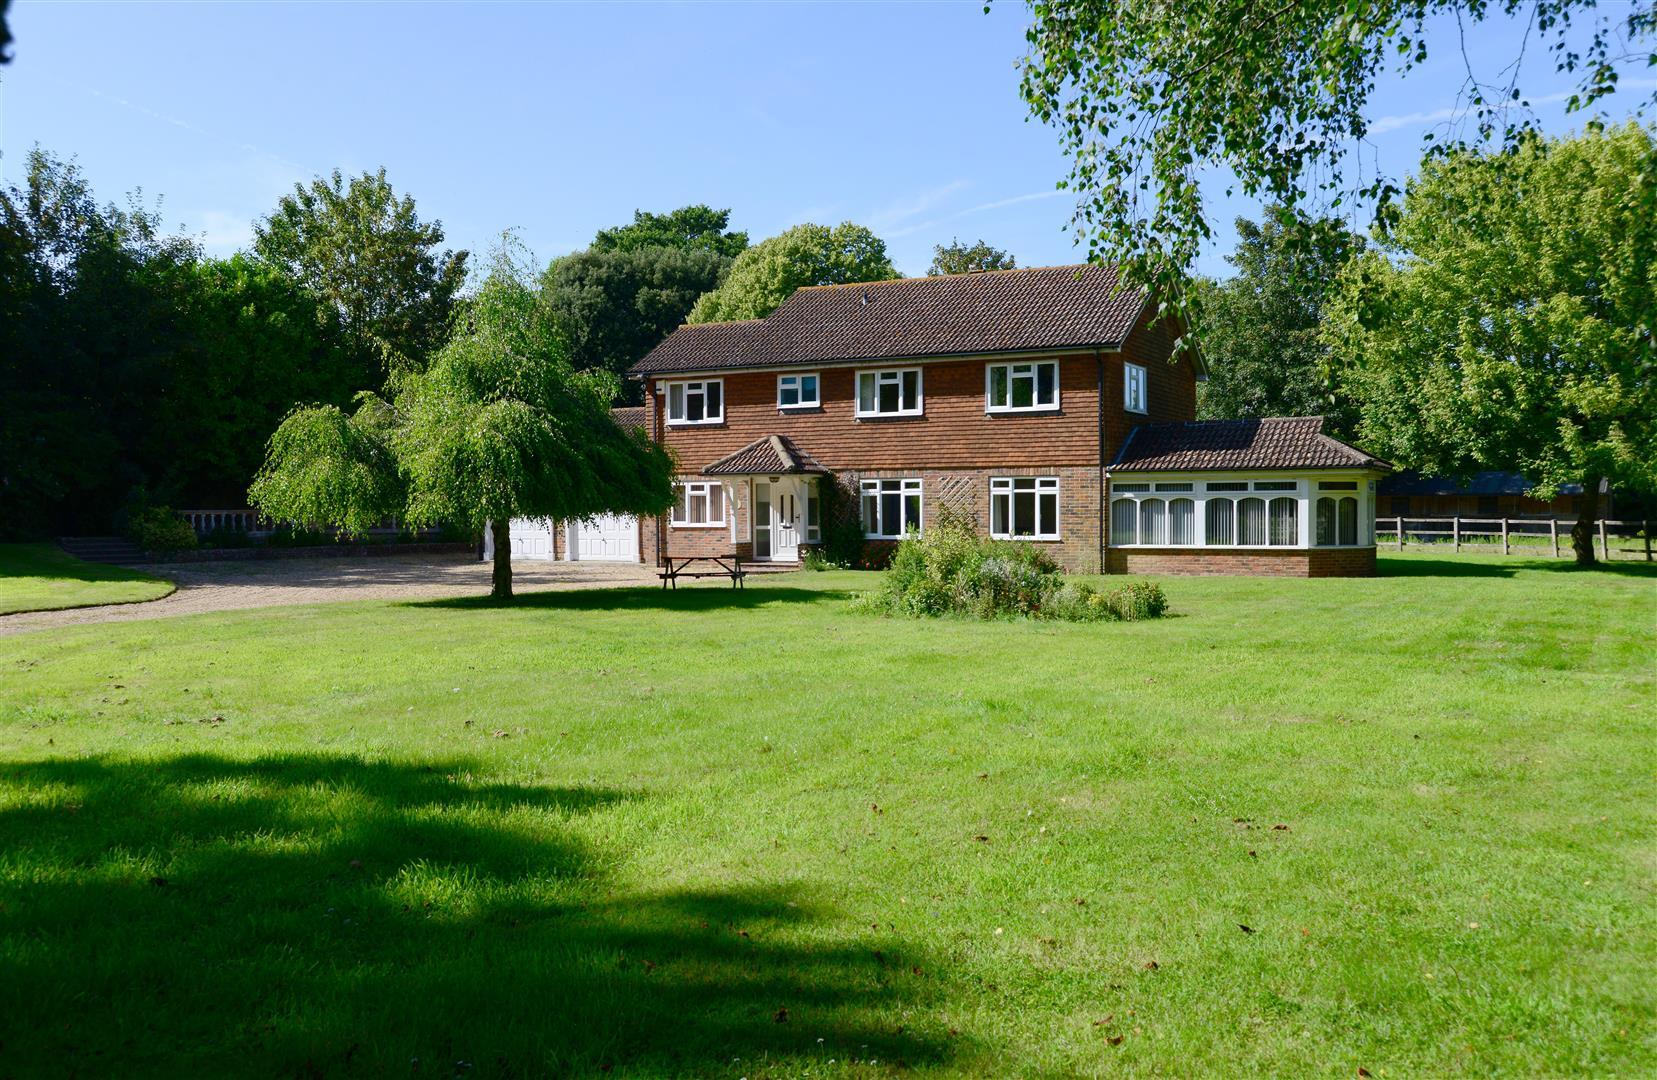 Runcton Lane, Chichester